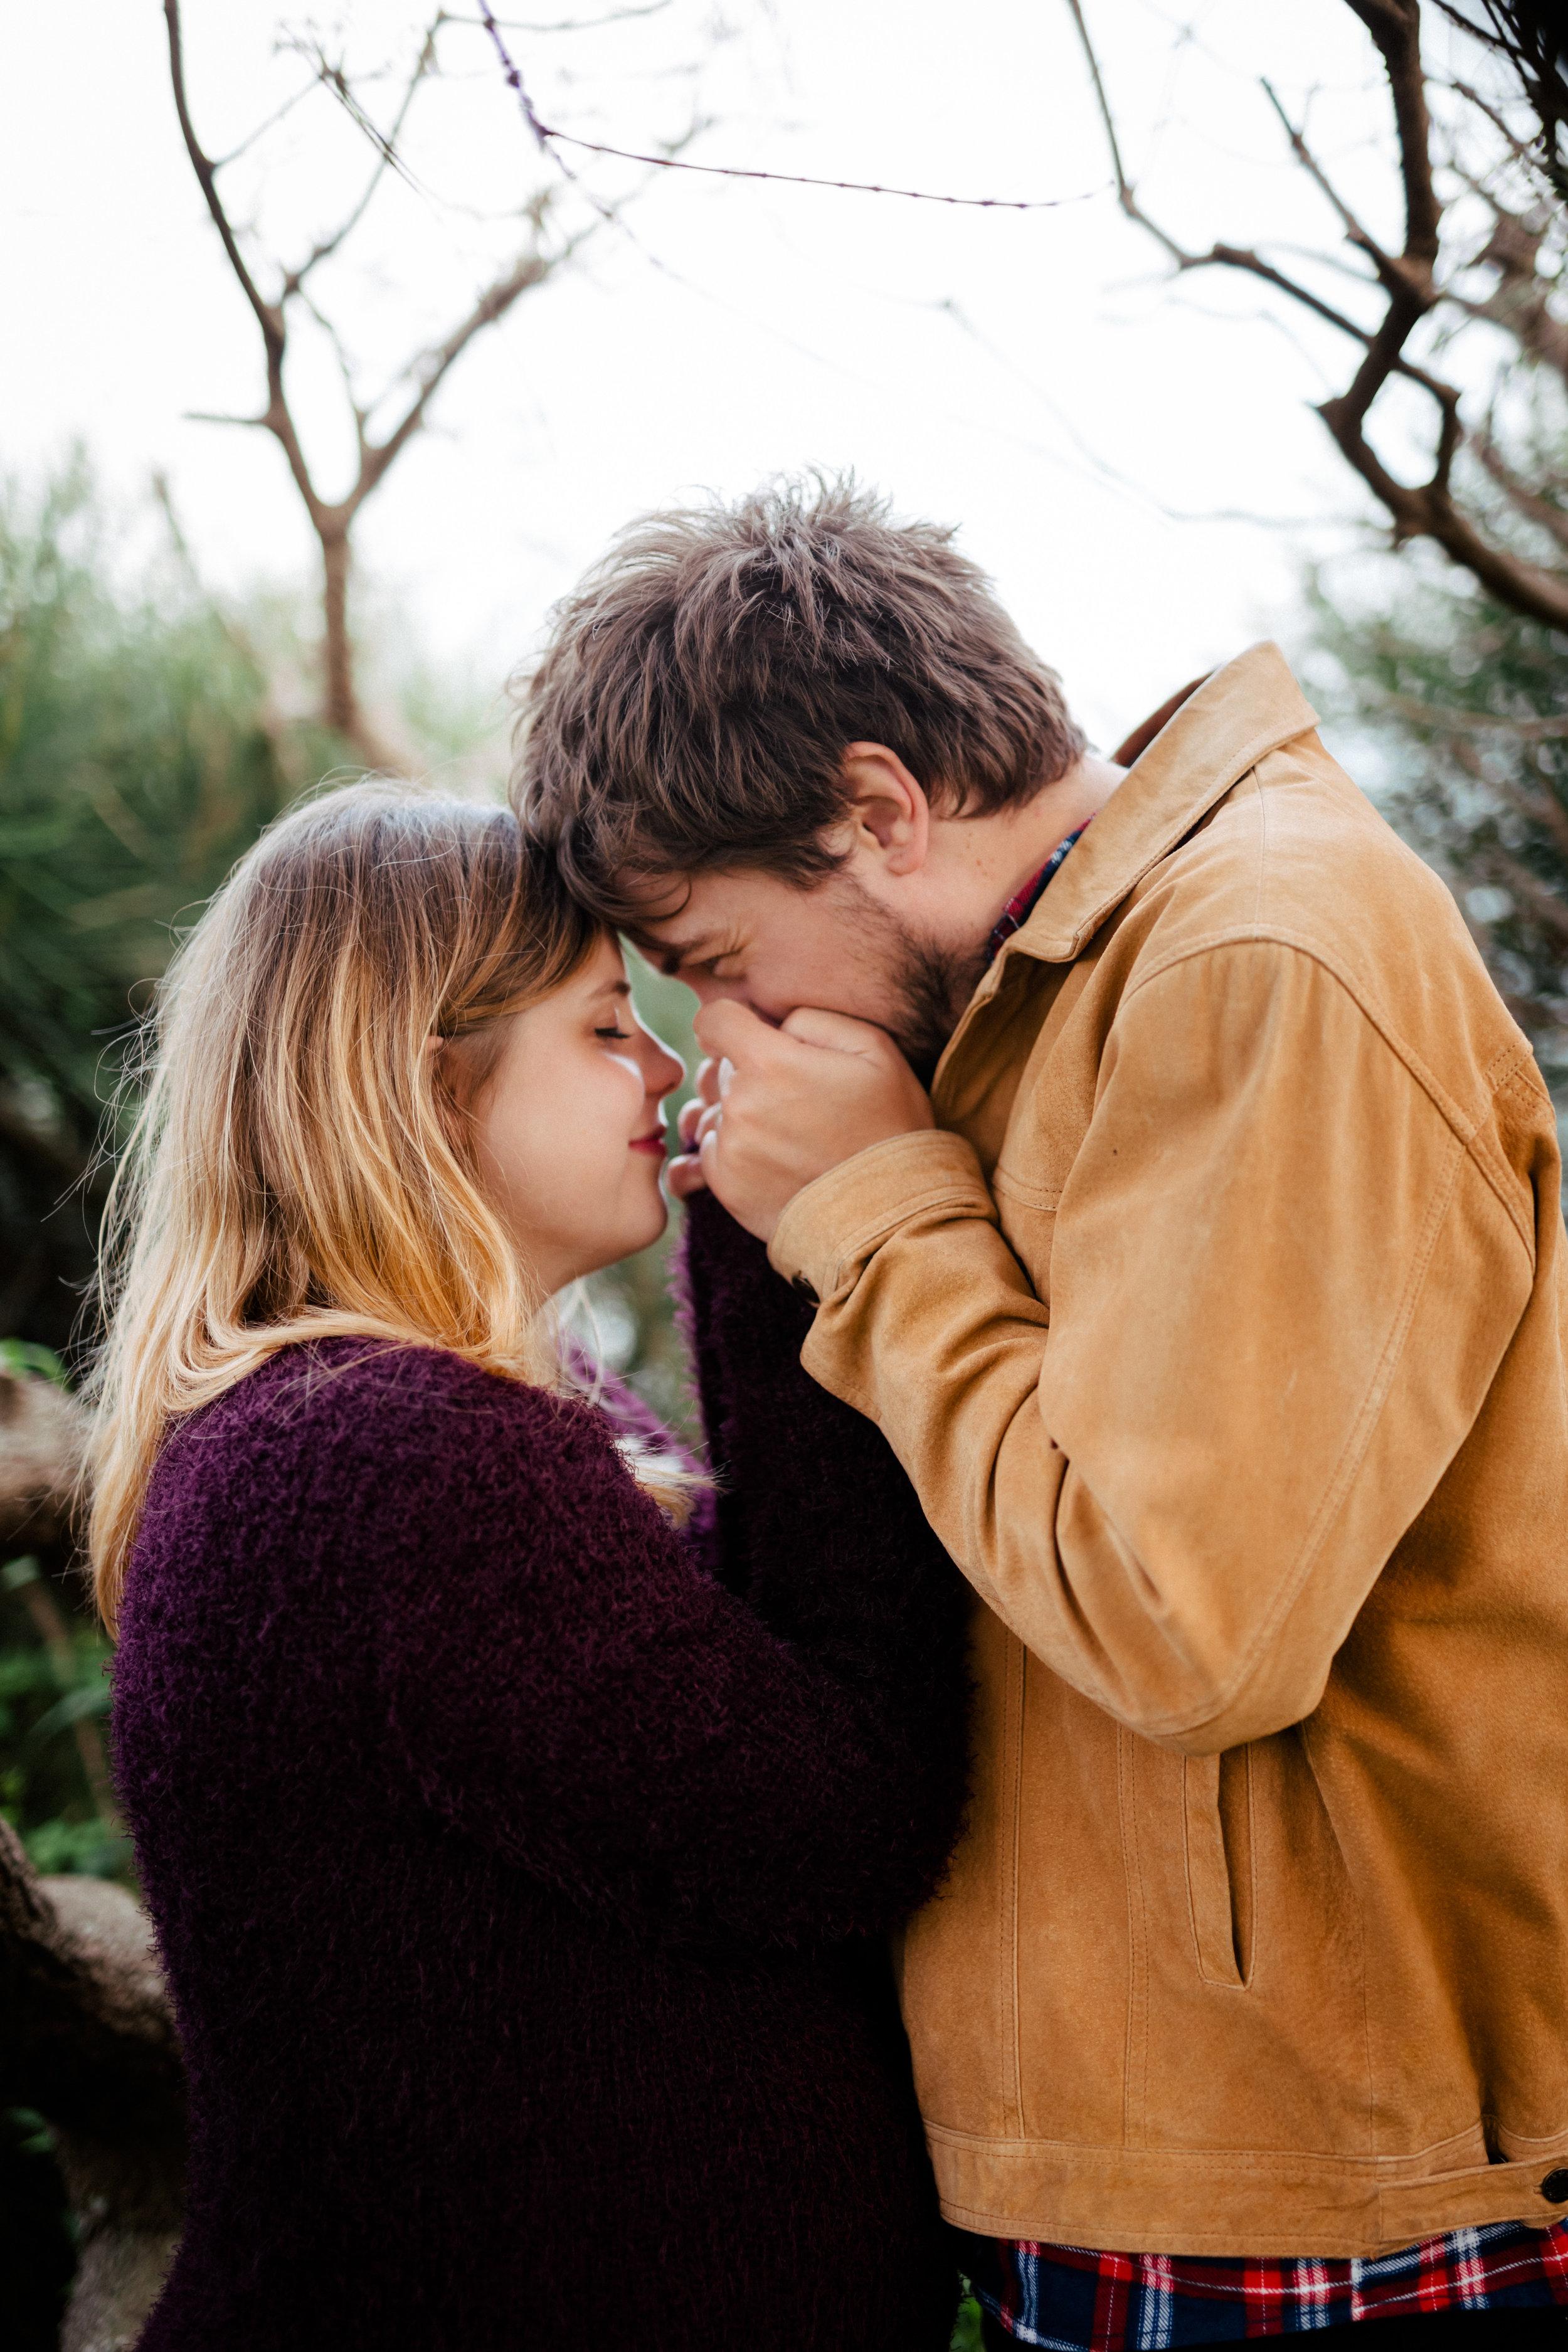 Heather&Liam&Bub-098.jpg